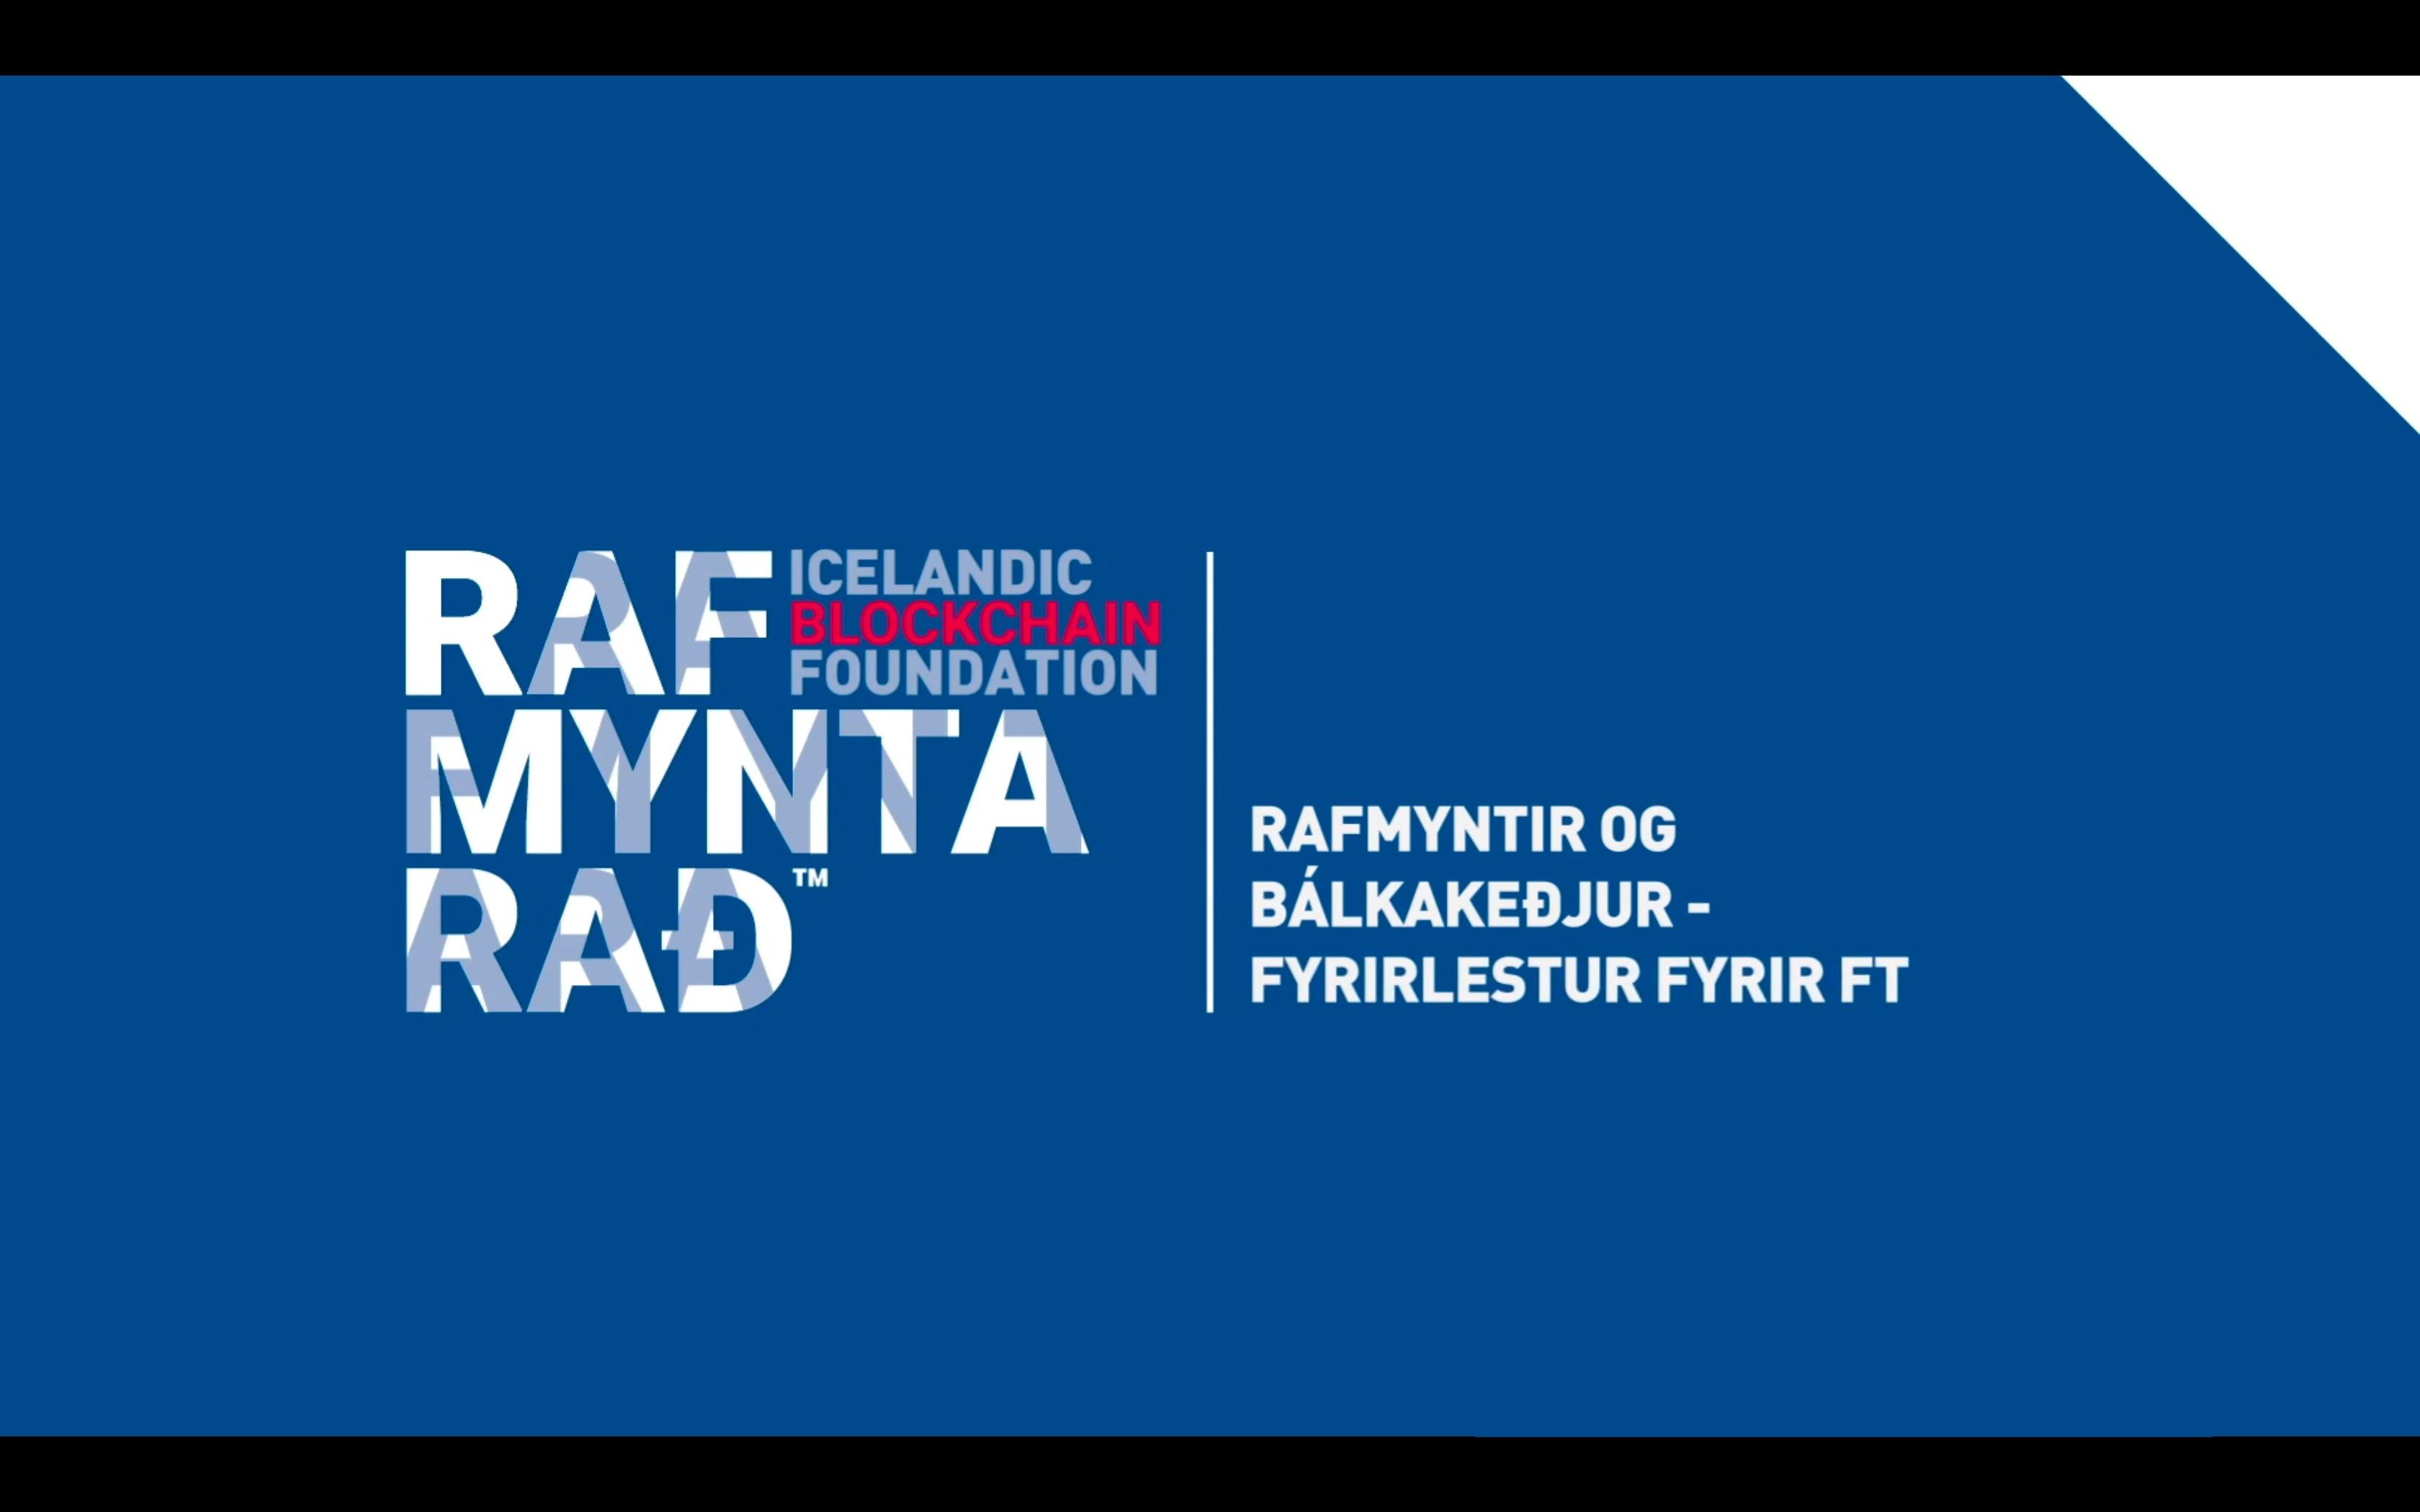 Rafmyntir og Bálkakeðjur - Fyrirlestur fyrir FT